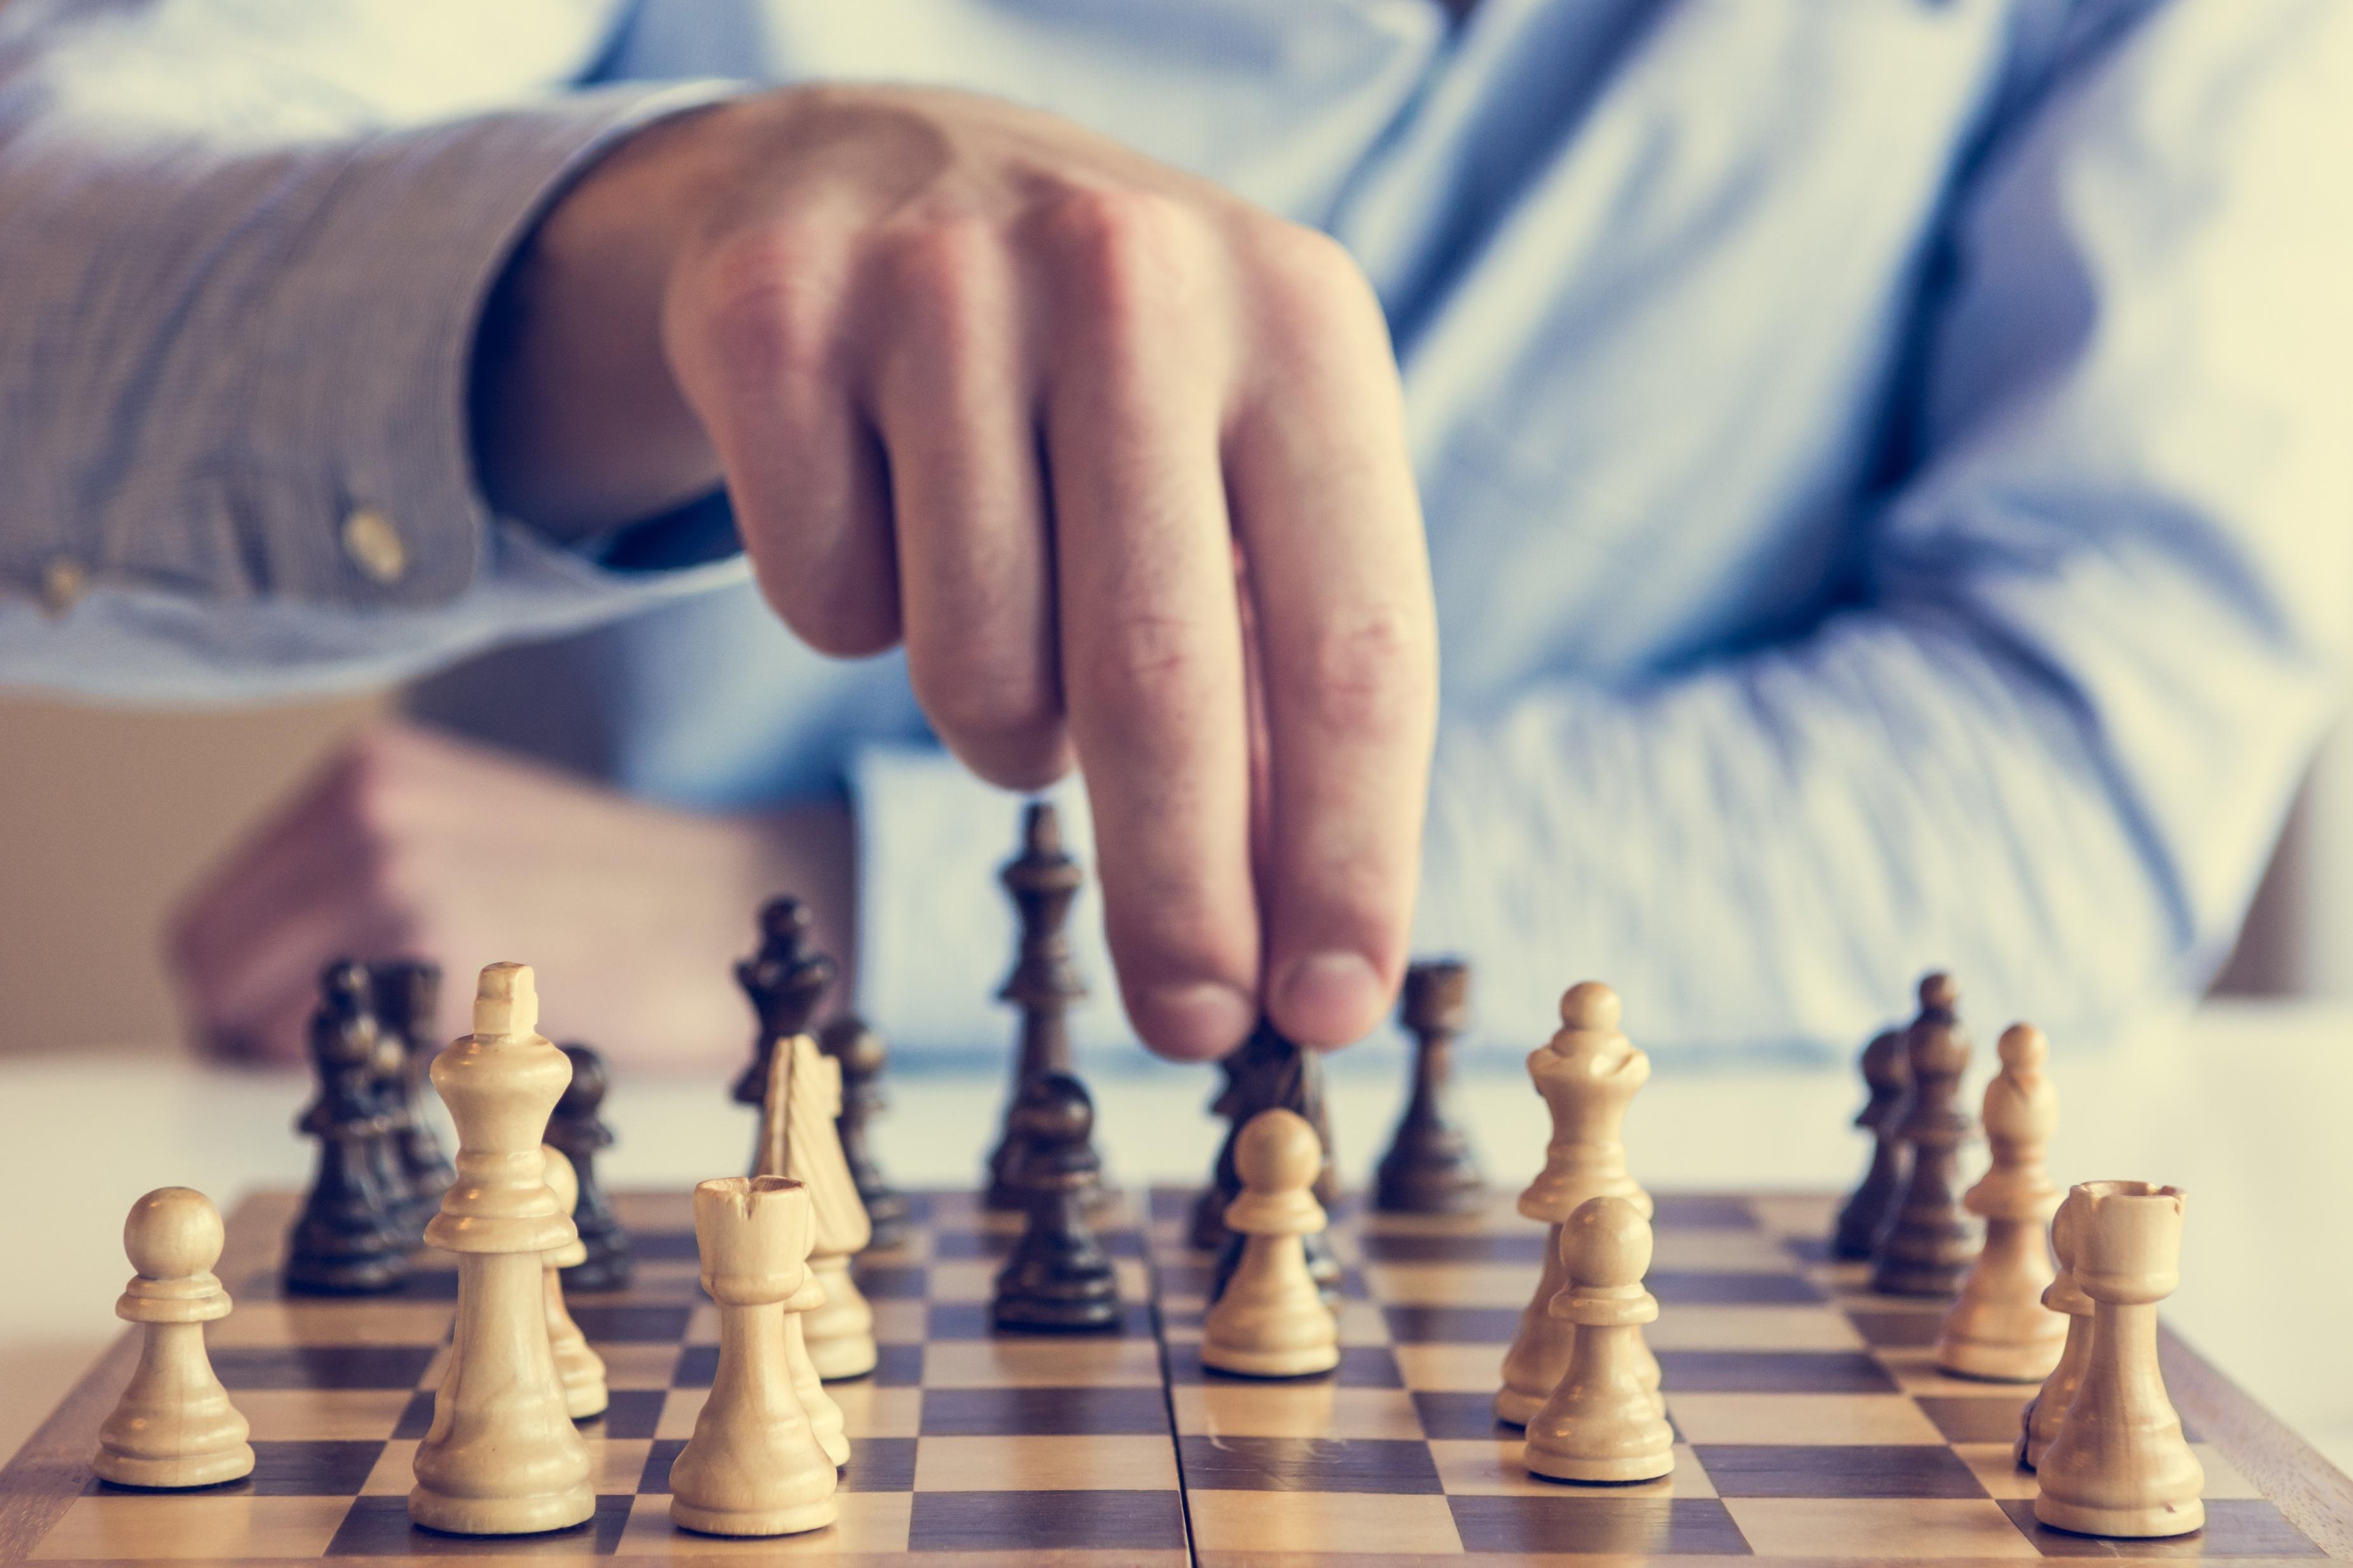 Jeux de réflexion et utilisation de l'ordinateur, travaux pratiques ou jeux de société peuvent-ils ralentir ou empêcher la perte de mémoire liée à l'âge ?